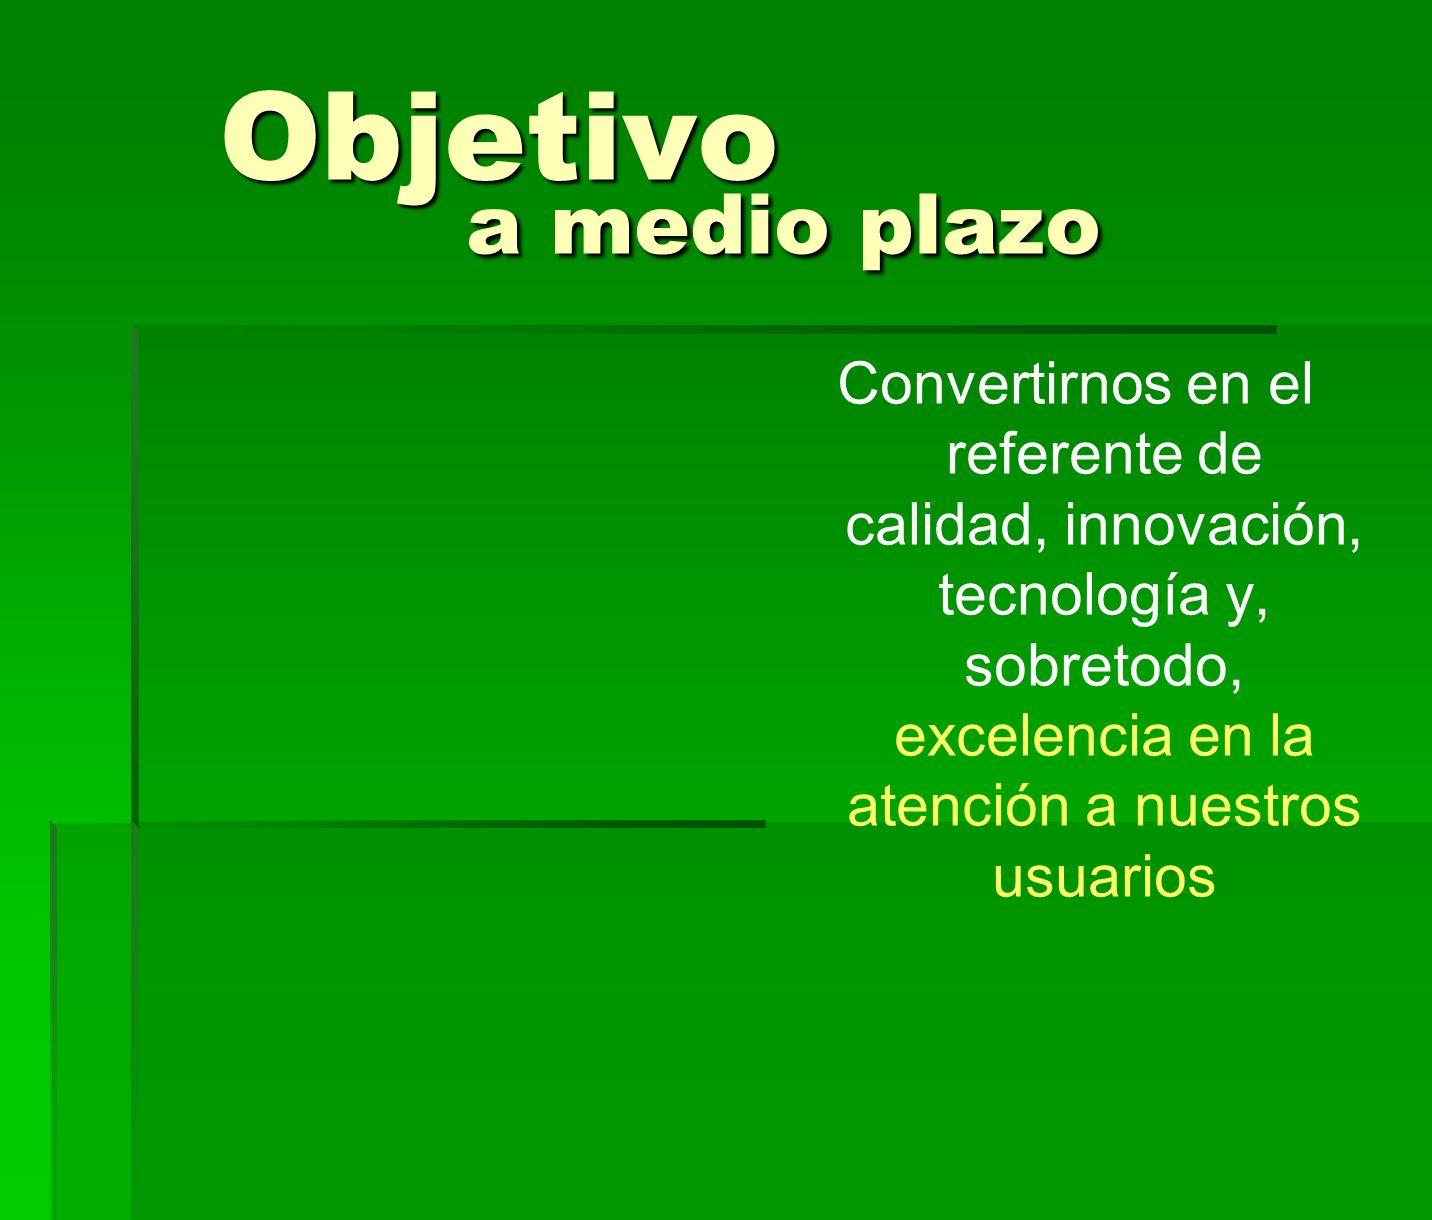 Objetivo a medio plazo Objetivo a medio plazo Convertirnos en el referente de calidad, innovación, tecnología y, sobretodo, excelencia en la atención